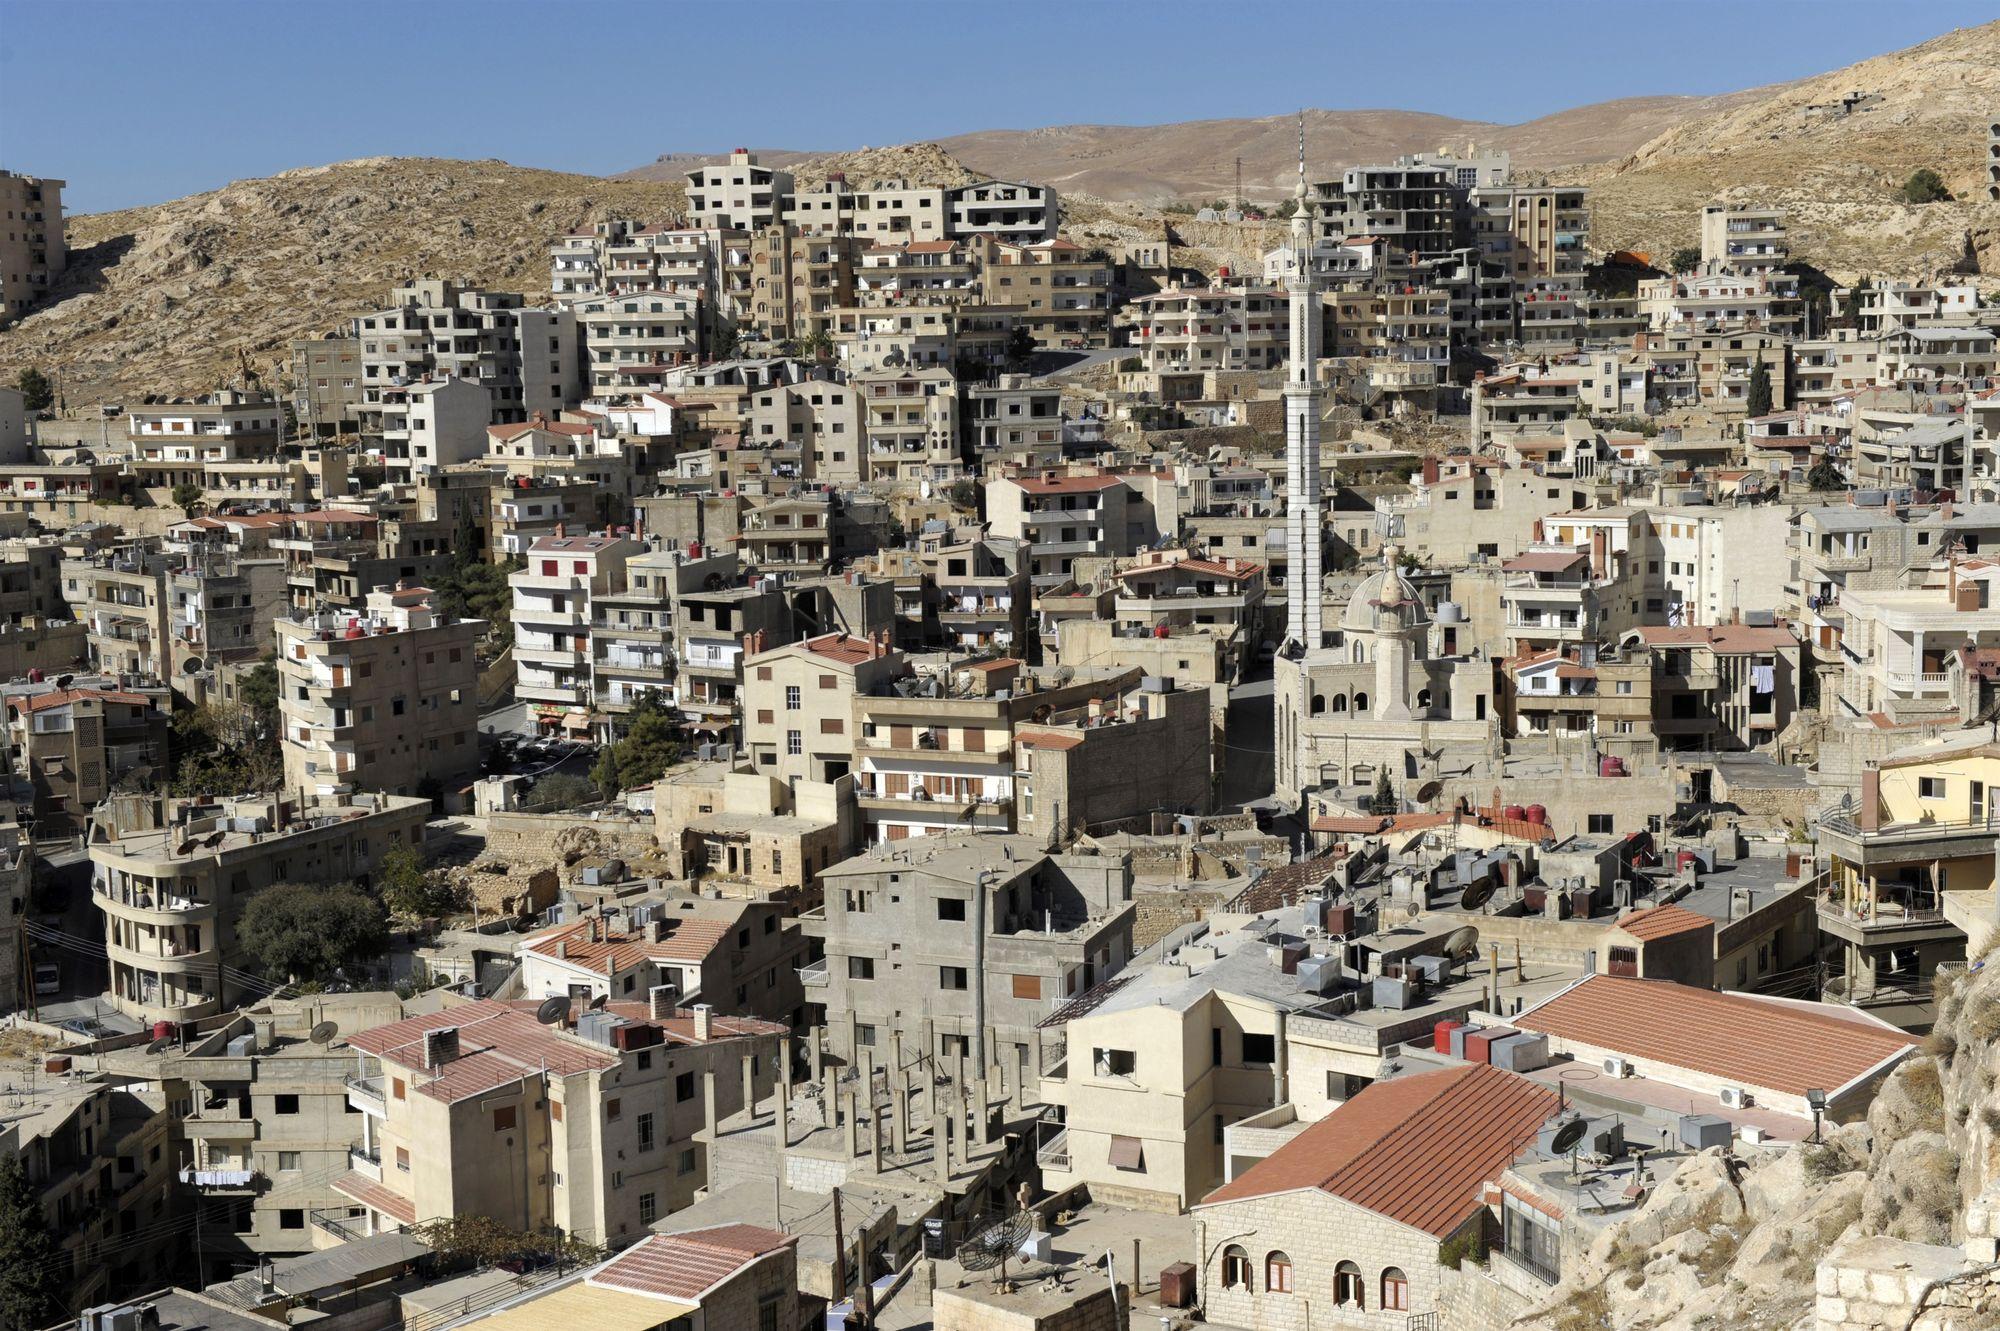 Image d'illustration. Vue du village de Saidnaya au nord de Damas. C'est dans ses environs qu'est situé le complexe pénitentiaire